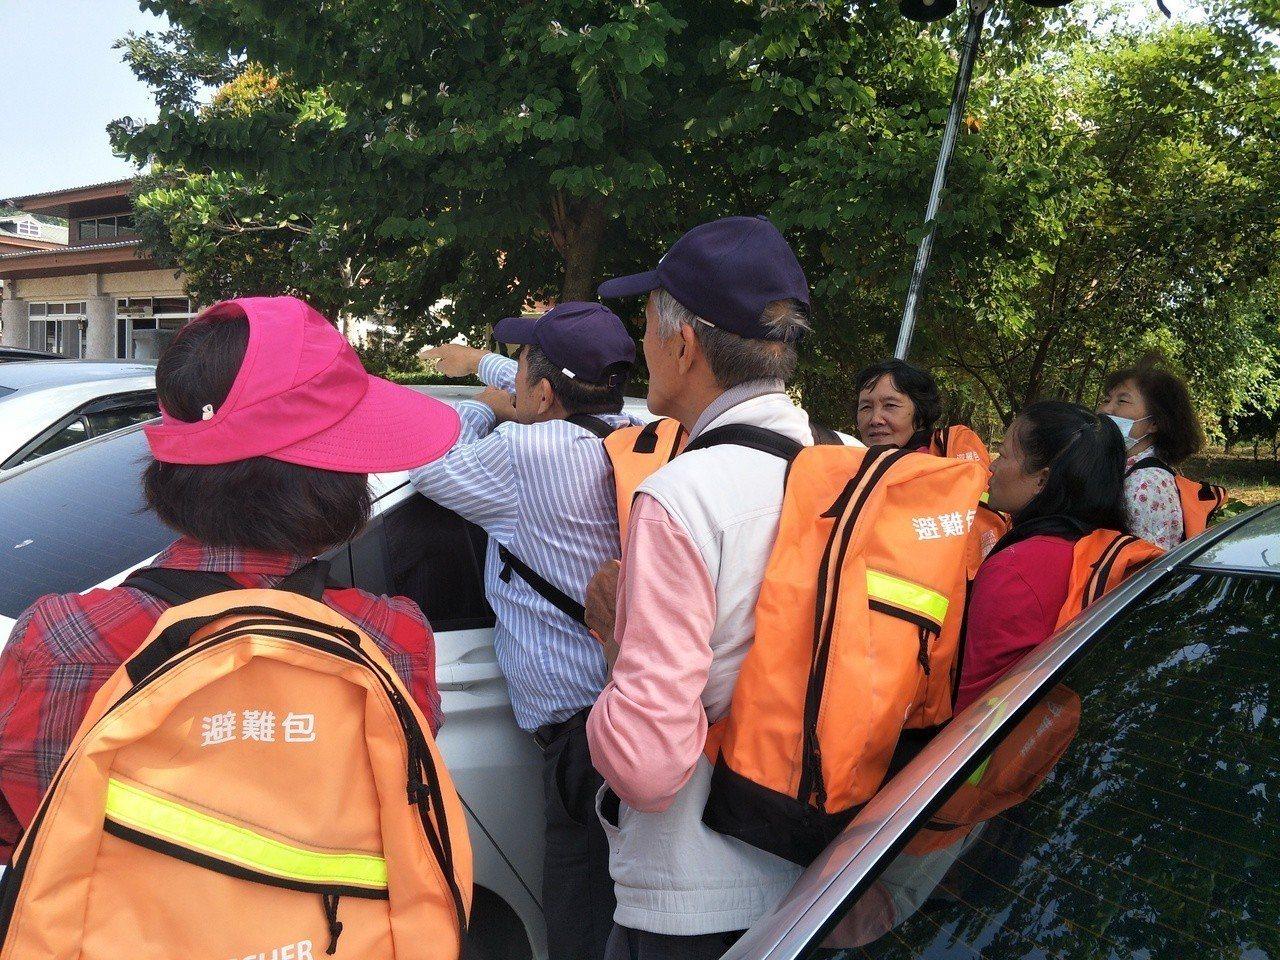 台南大內區頭社里居民參與緊急狀況避難。記者謝進盛/攝影